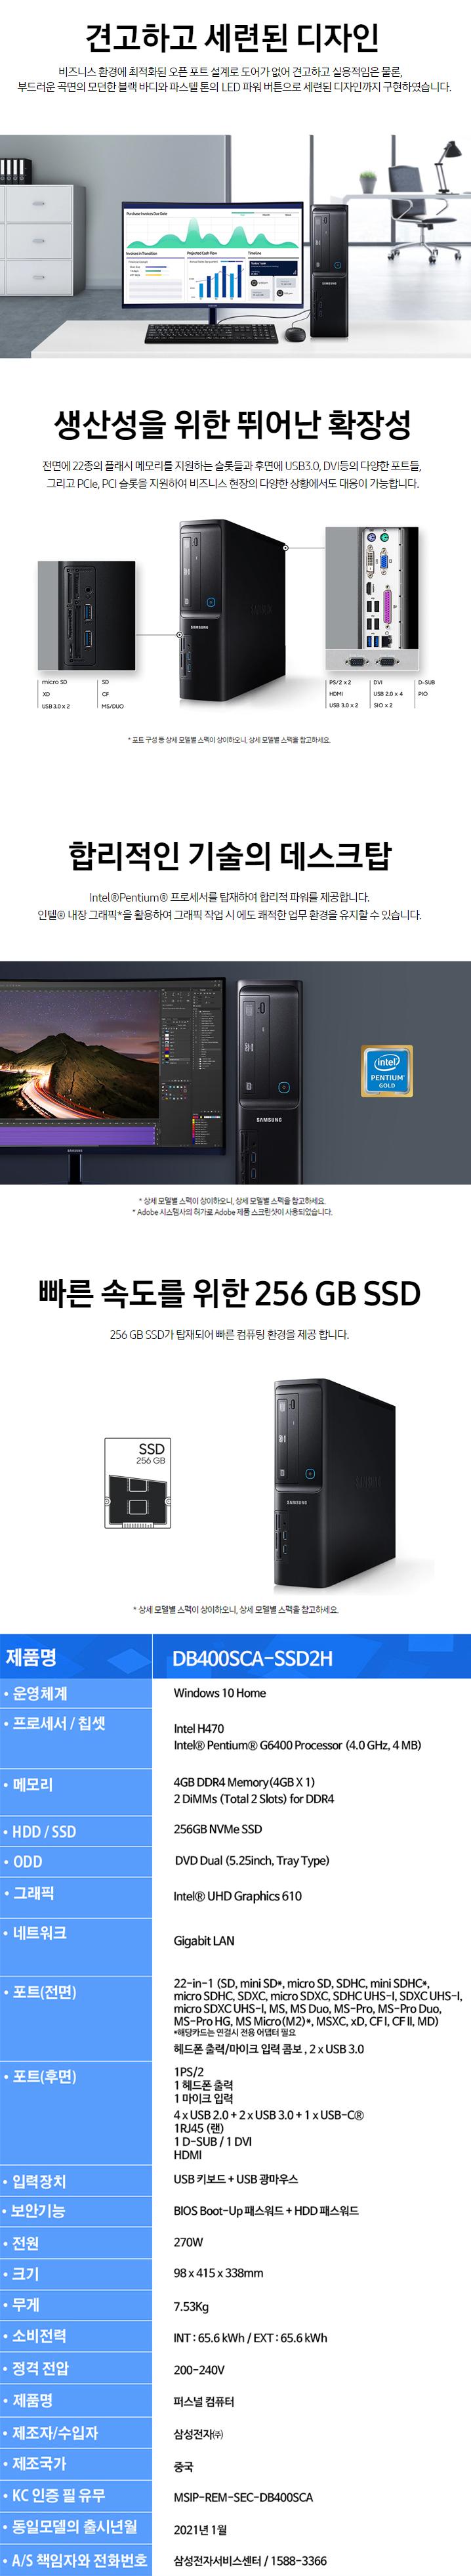 [삼성전자] 삼성 슬림형 데스크탑 DB400SCA-SSD2H [G6400/RAM 4GB/NVMe 256GB/Windows 10 Home]